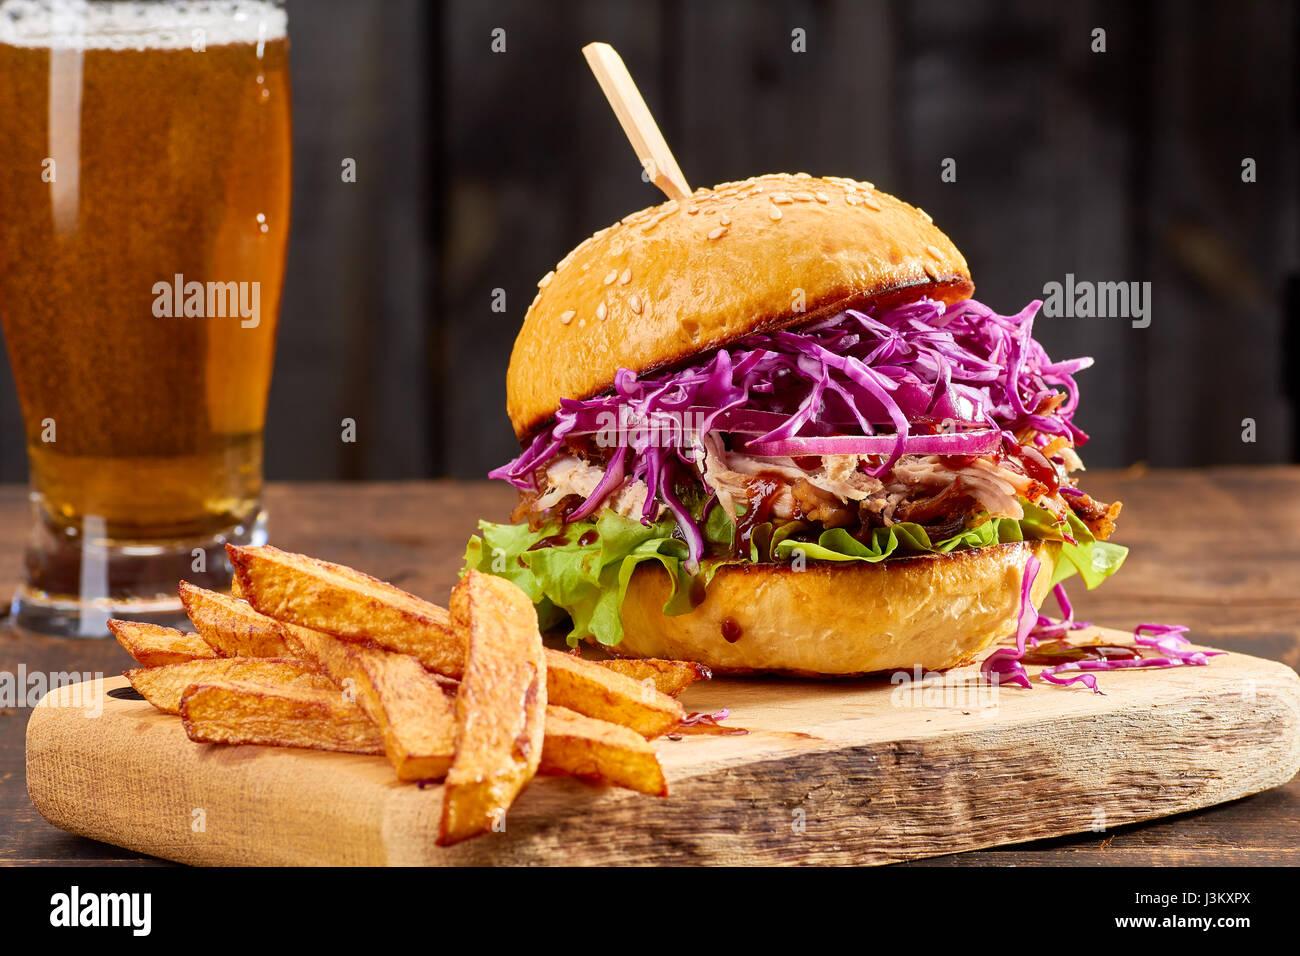 Sandwith avec frites et de porc sur fond de bois Photo Stock